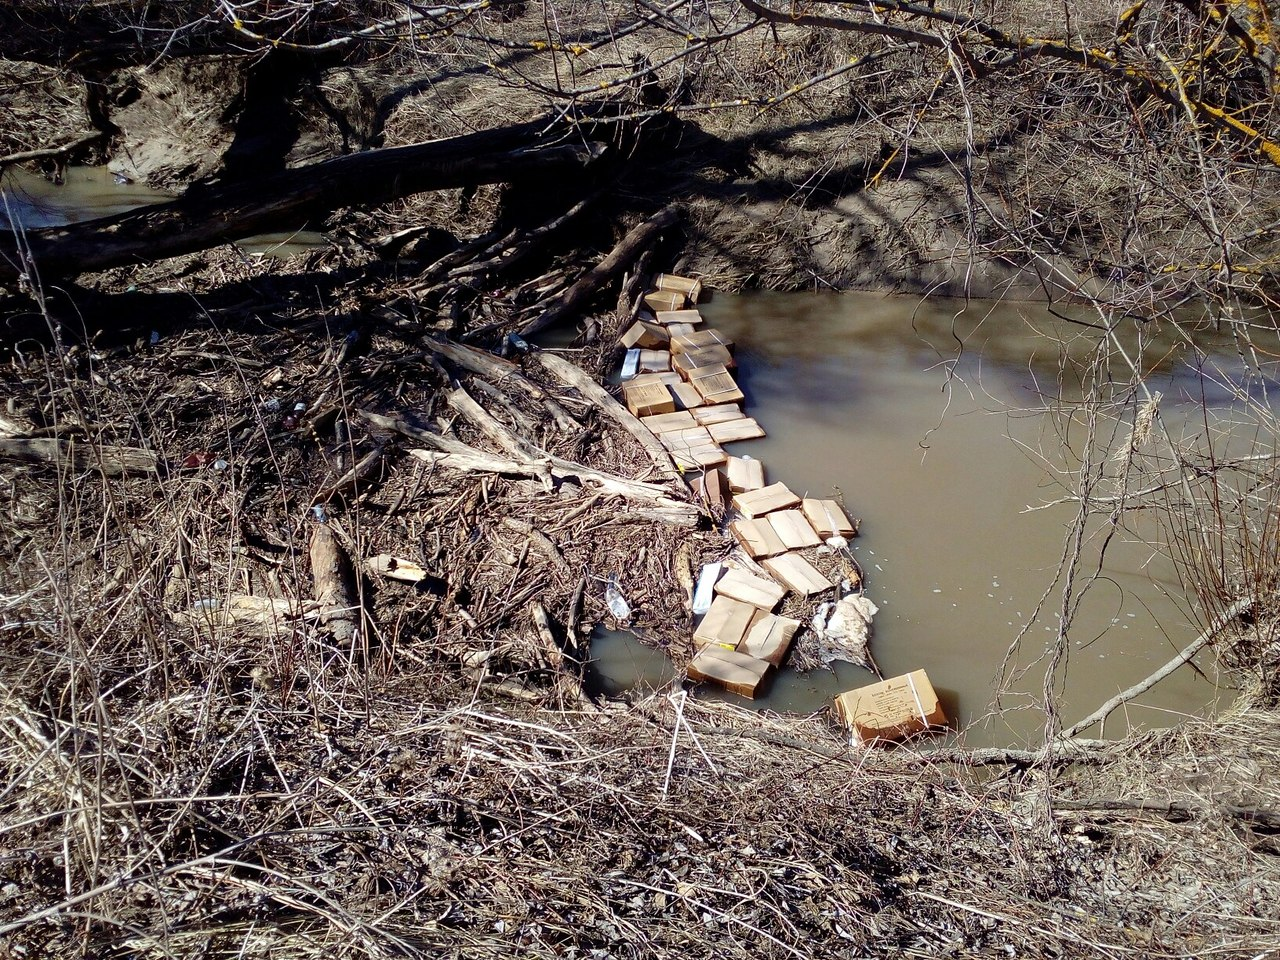 выбросить в реку фотографий сумаляк